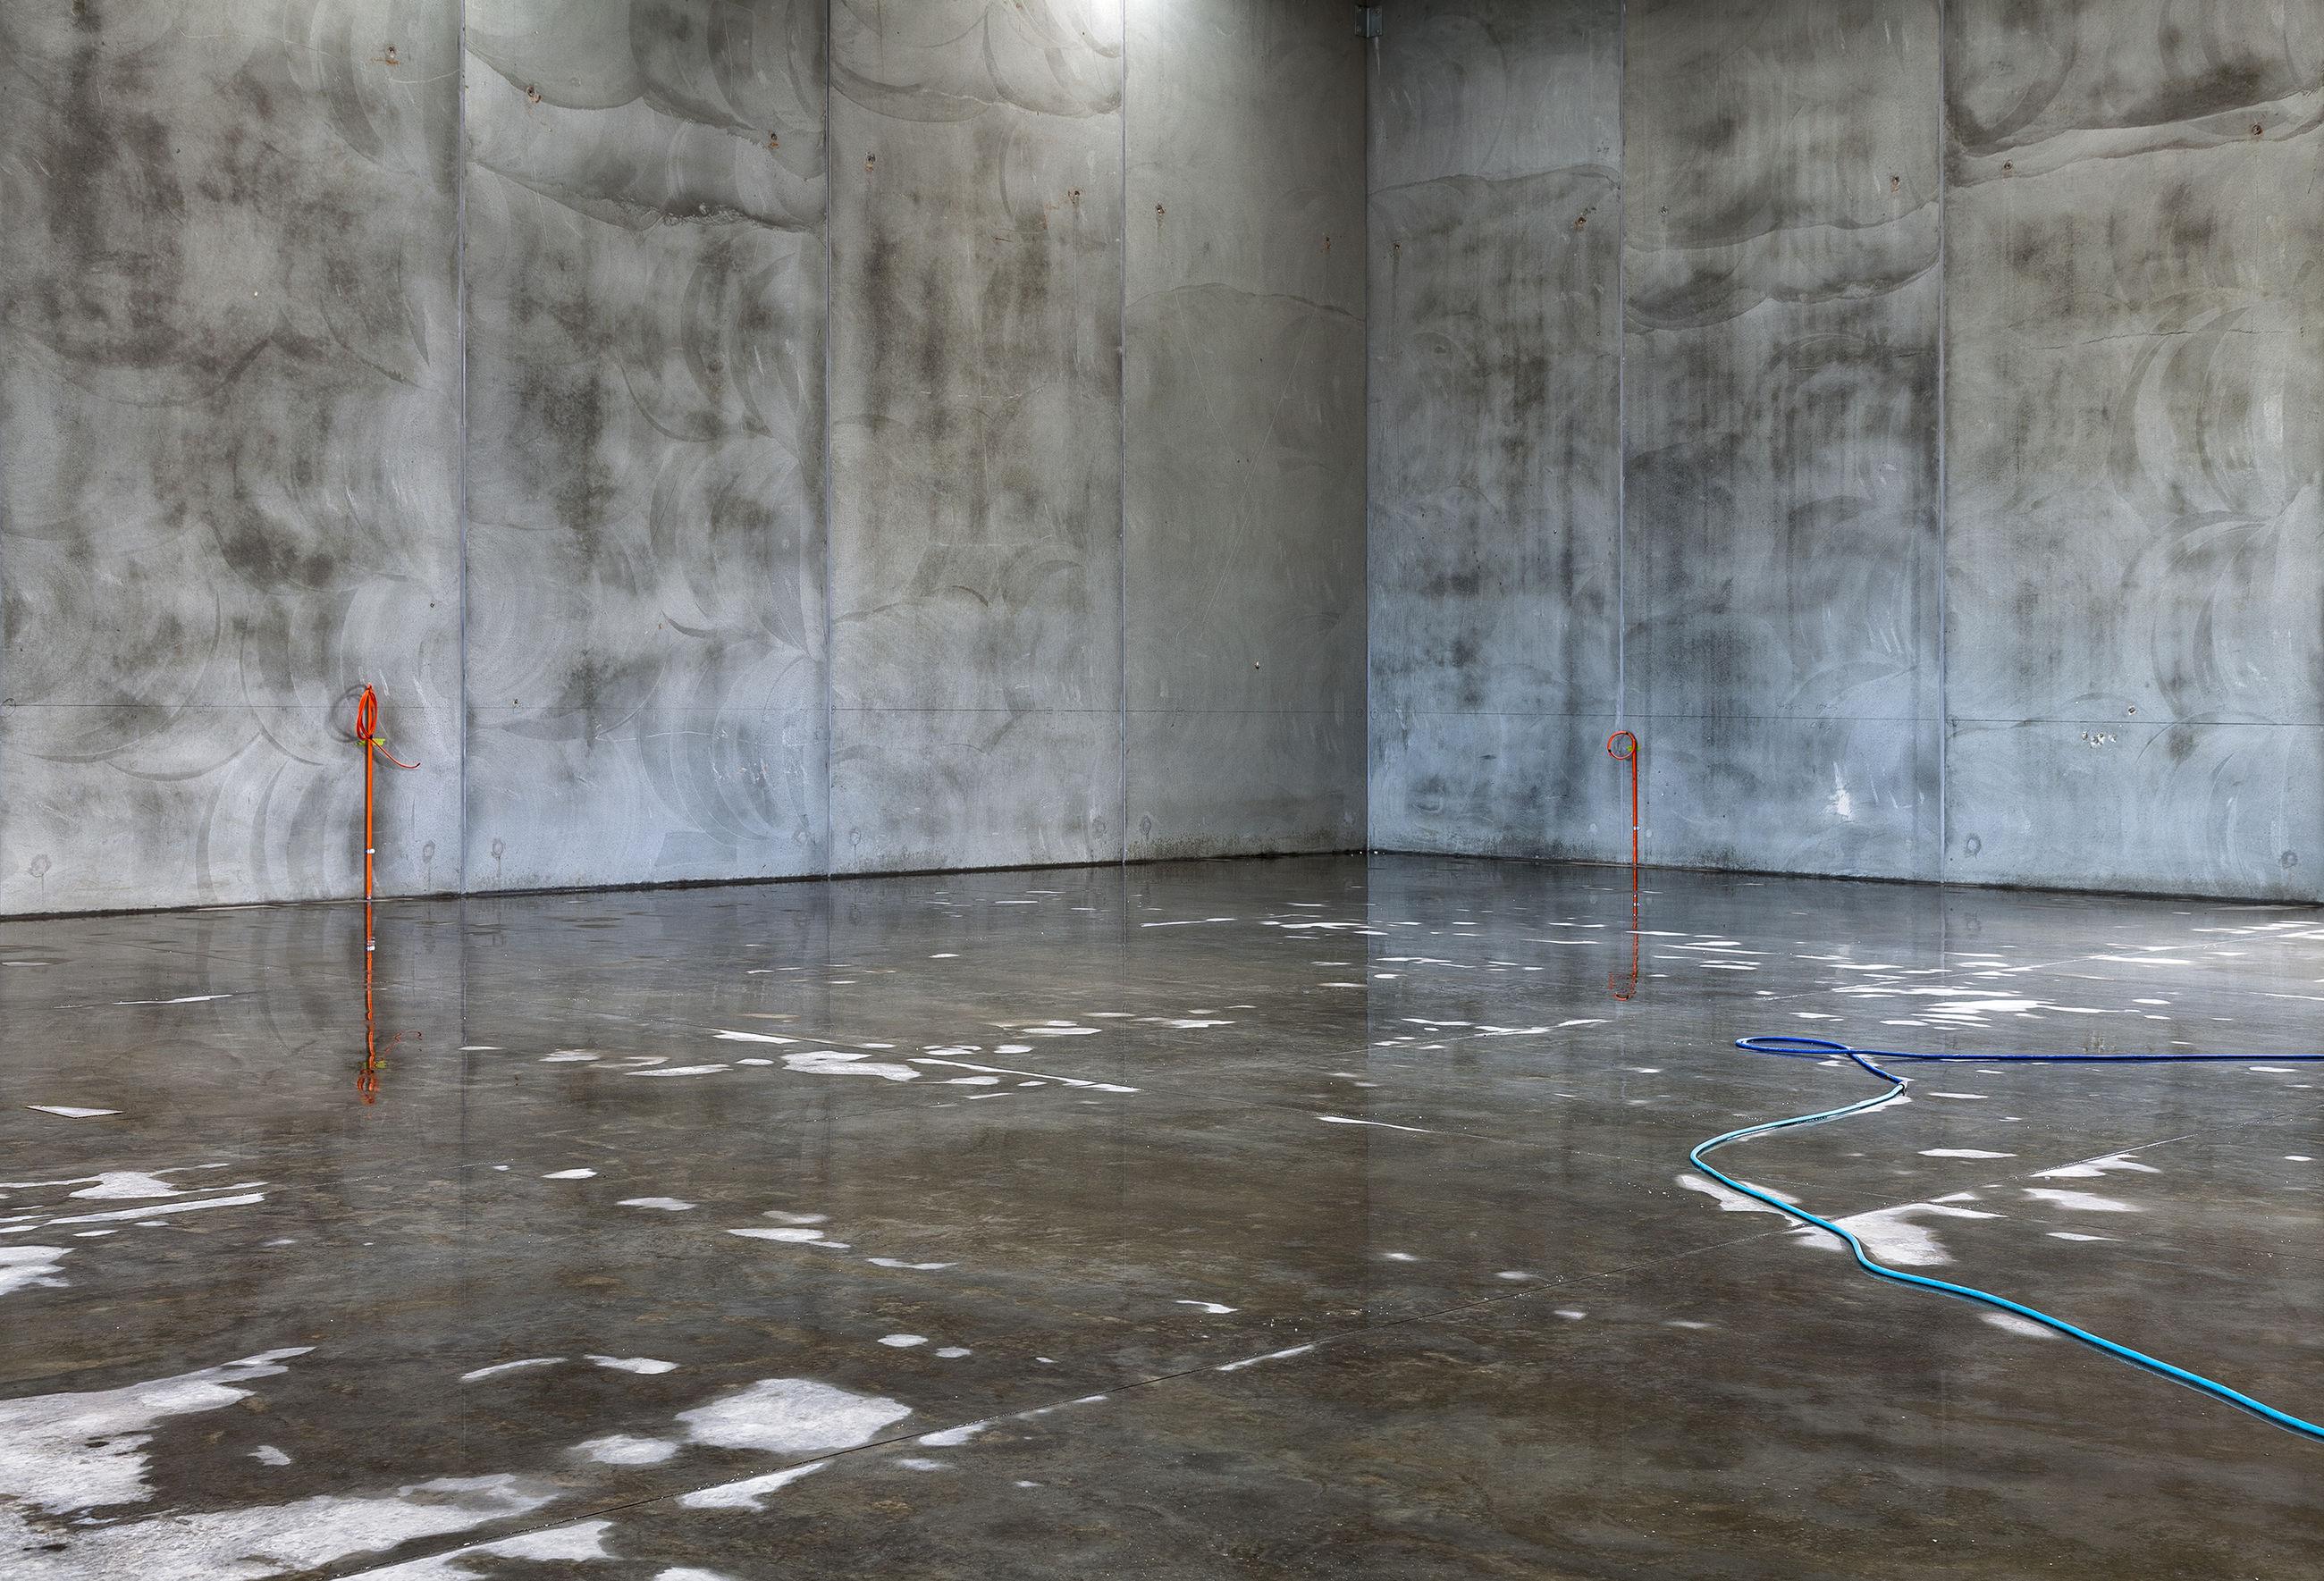 Wet flooring in illuminated building